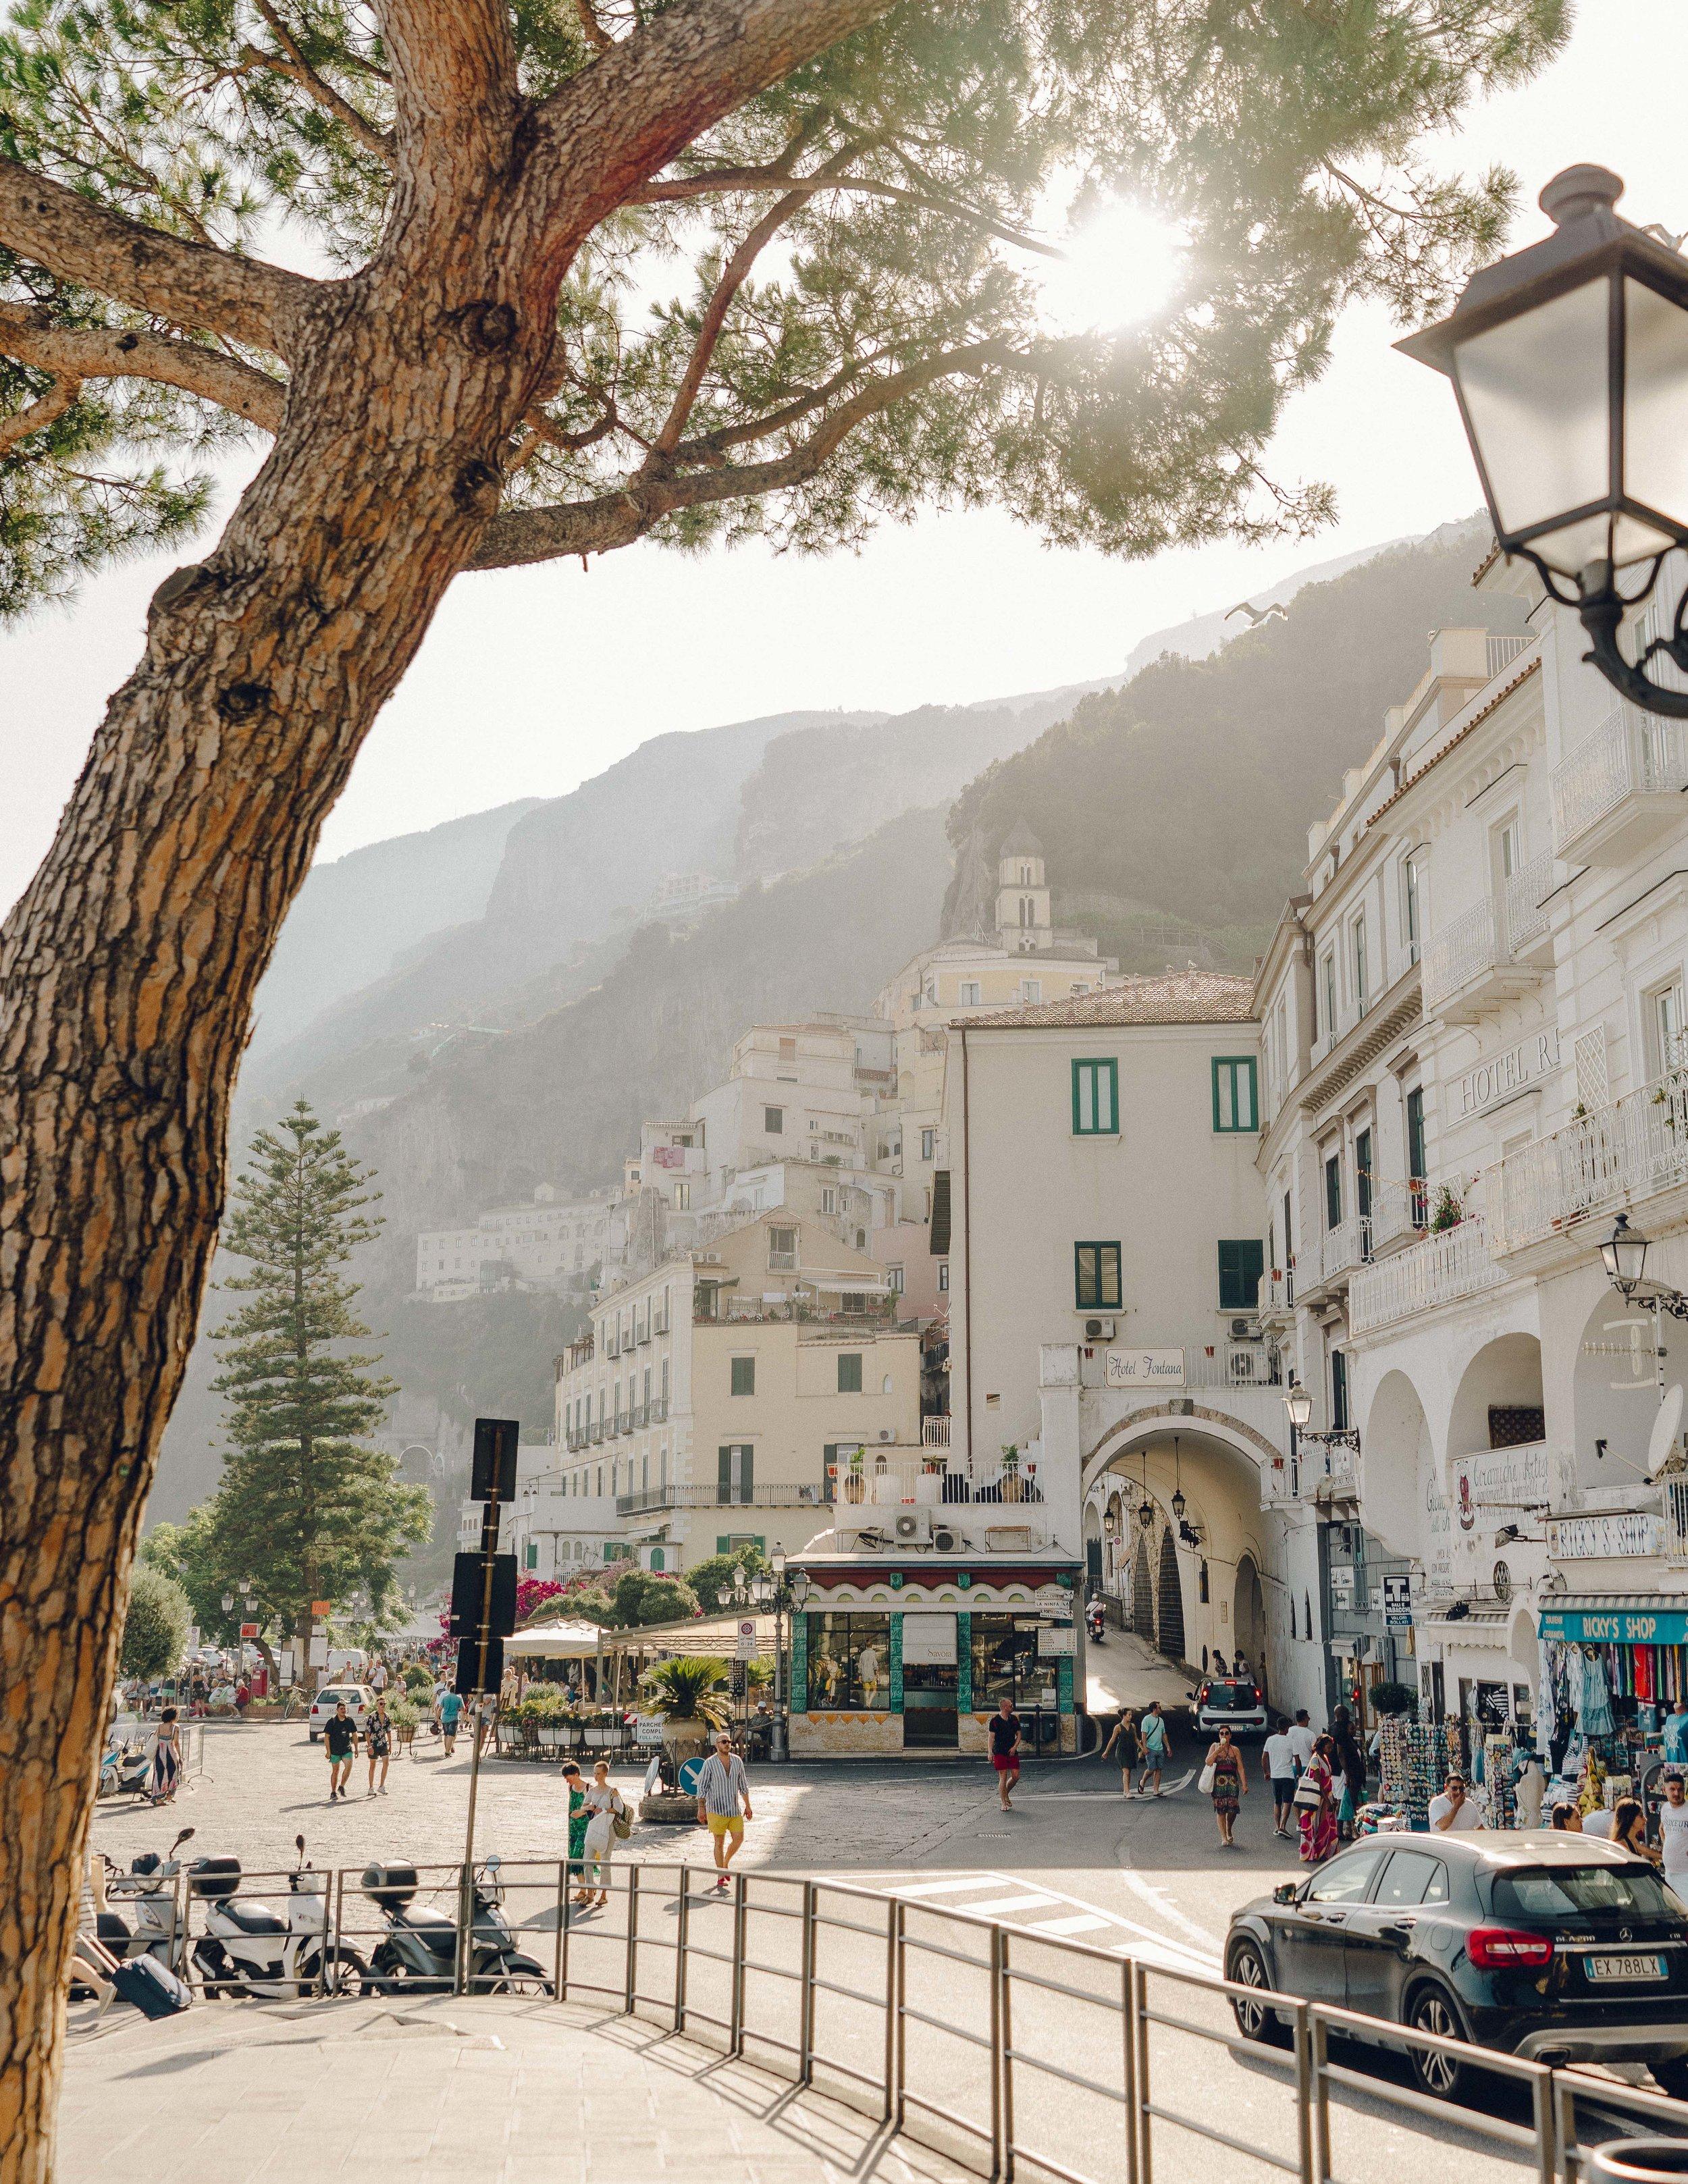 ASROSENVINGE_Roadtrip_Italy_Amalfi-07497.jpg